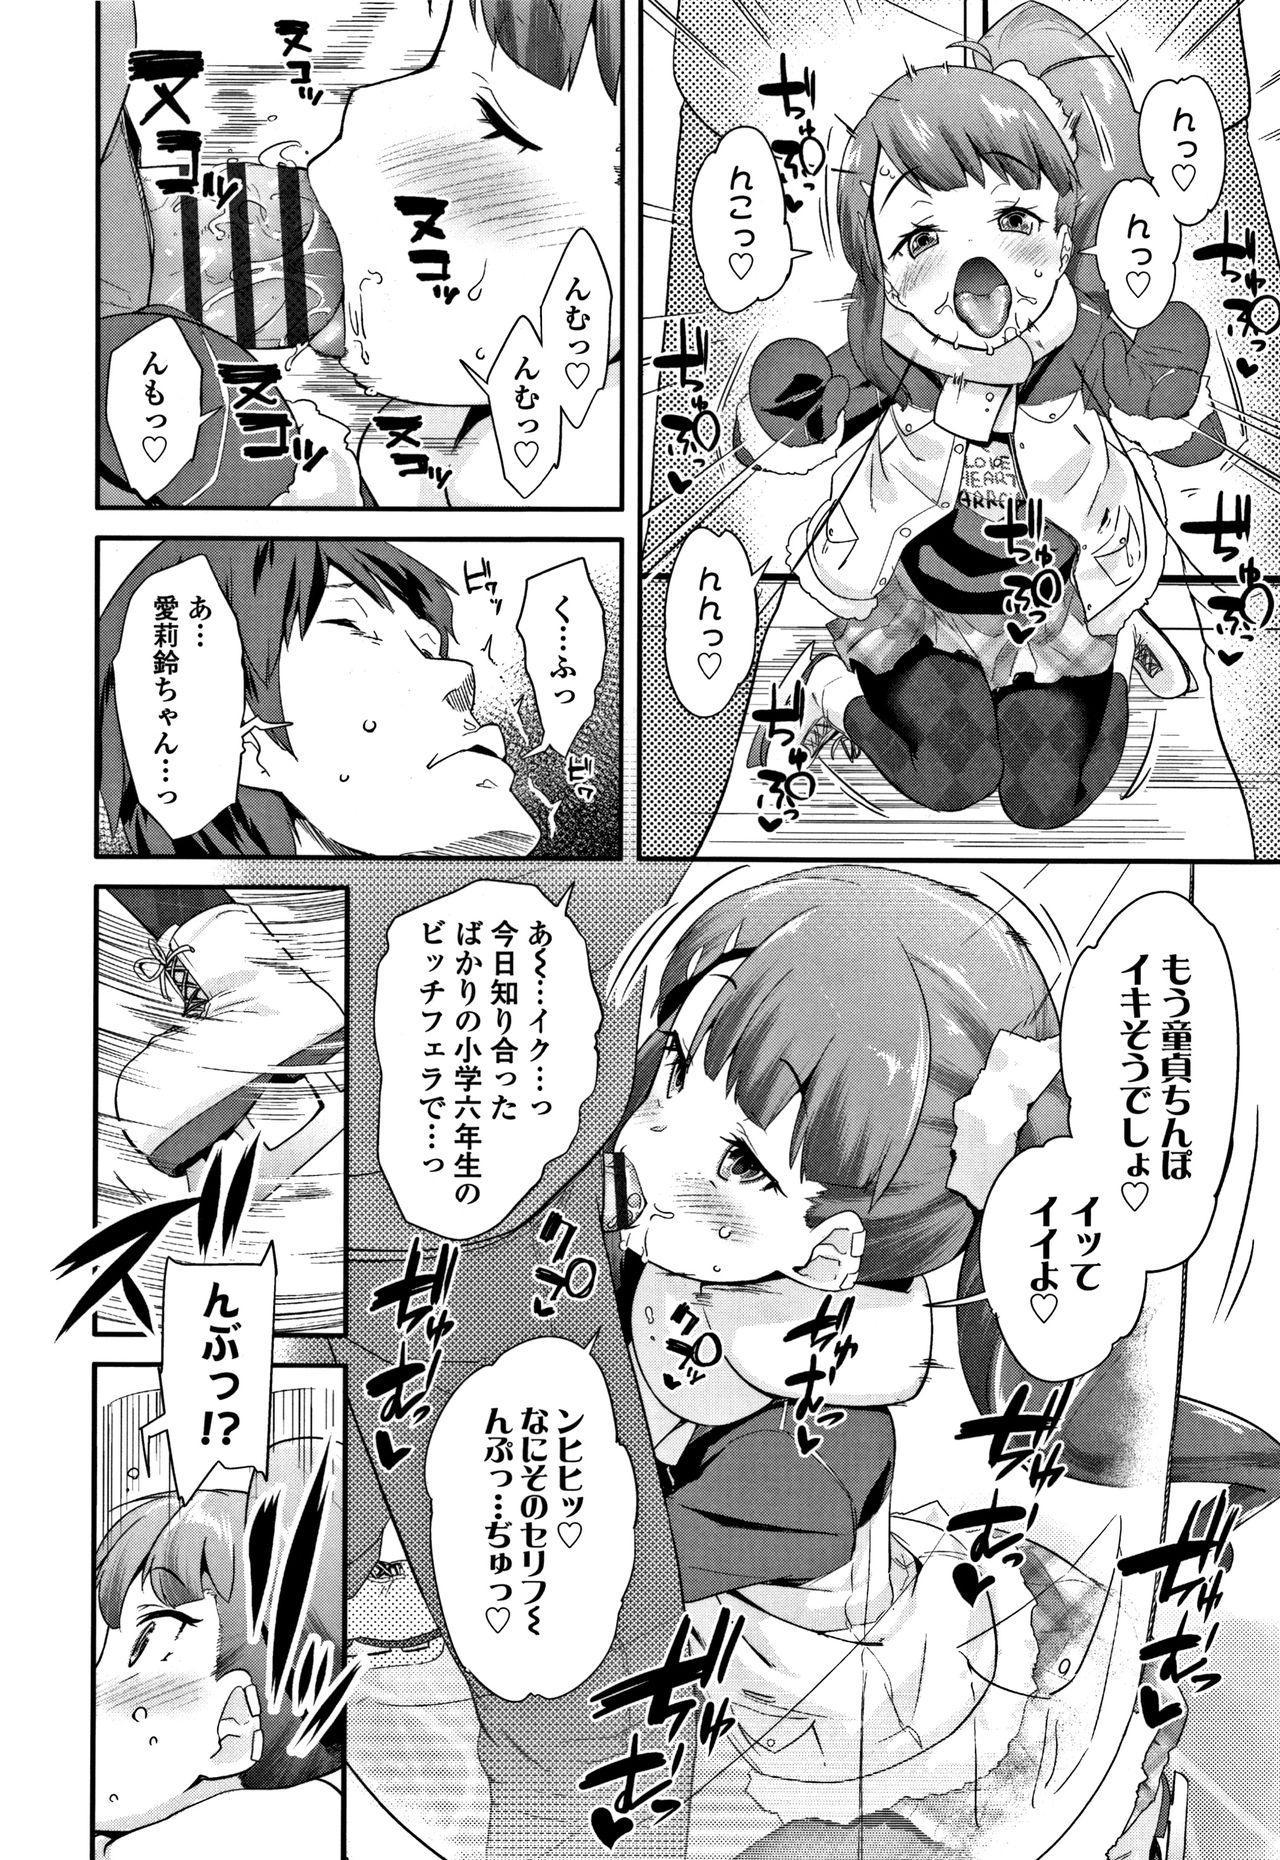 Kirakira Otona Lesson 102